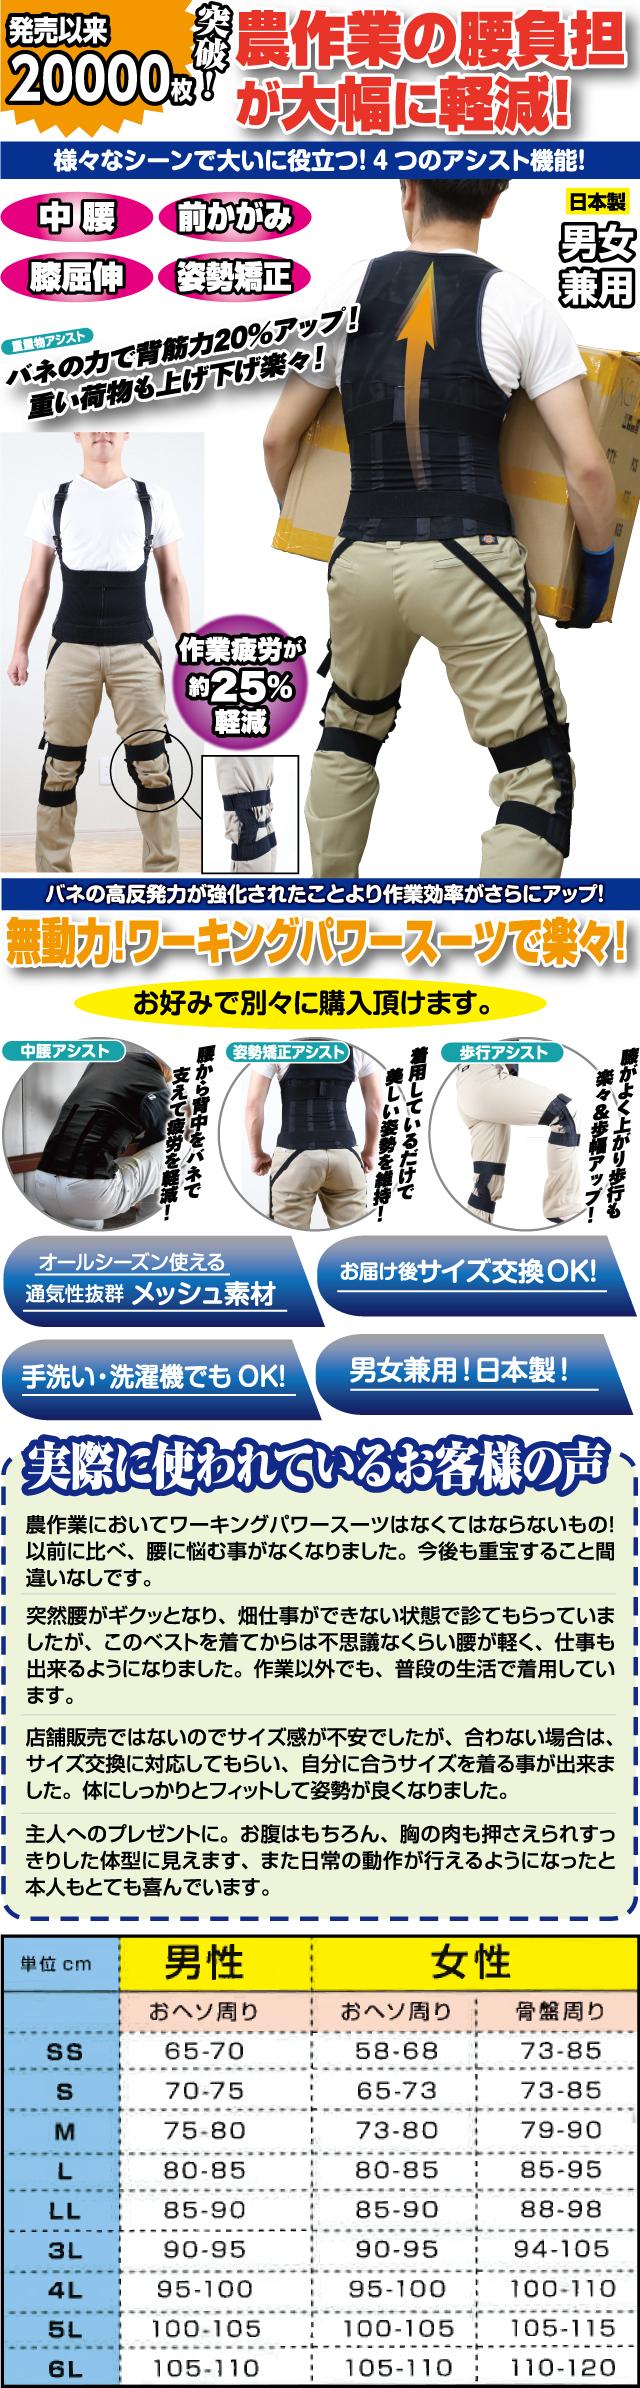 ワーキングパワースーツ&膝サポーターセット